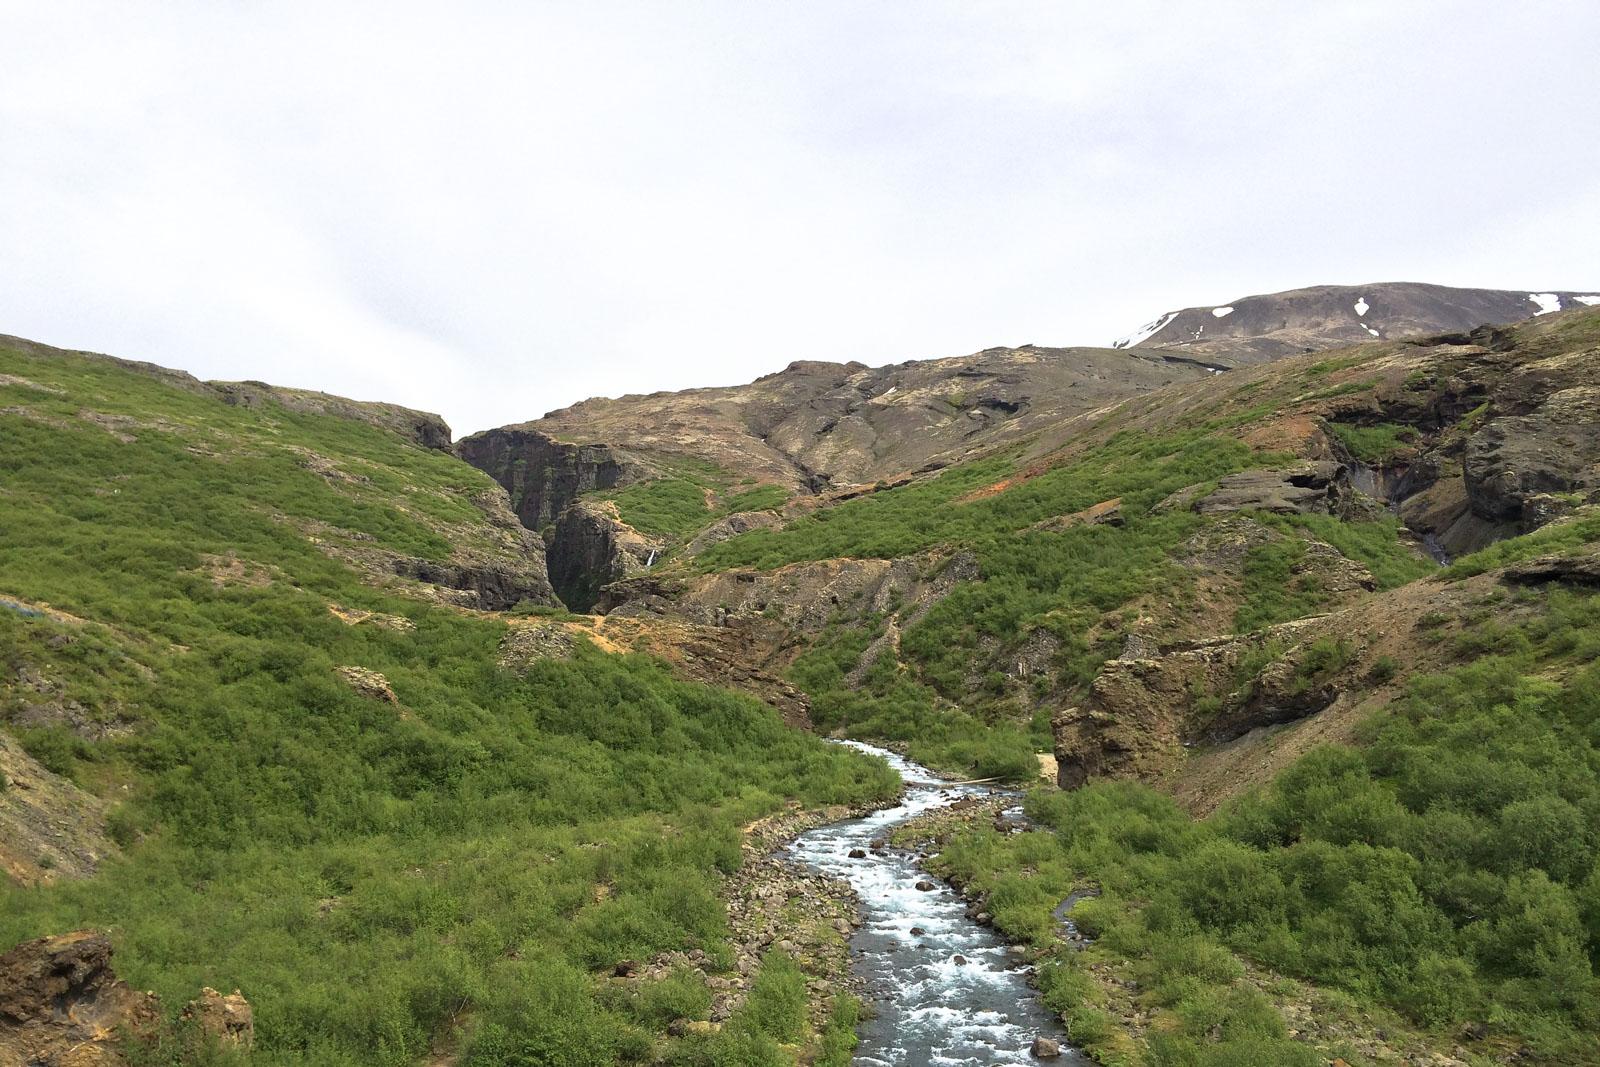 Man glaubt kaum, dass der Fluss eine ganze Schlucht in den Felsen gefressen hat.